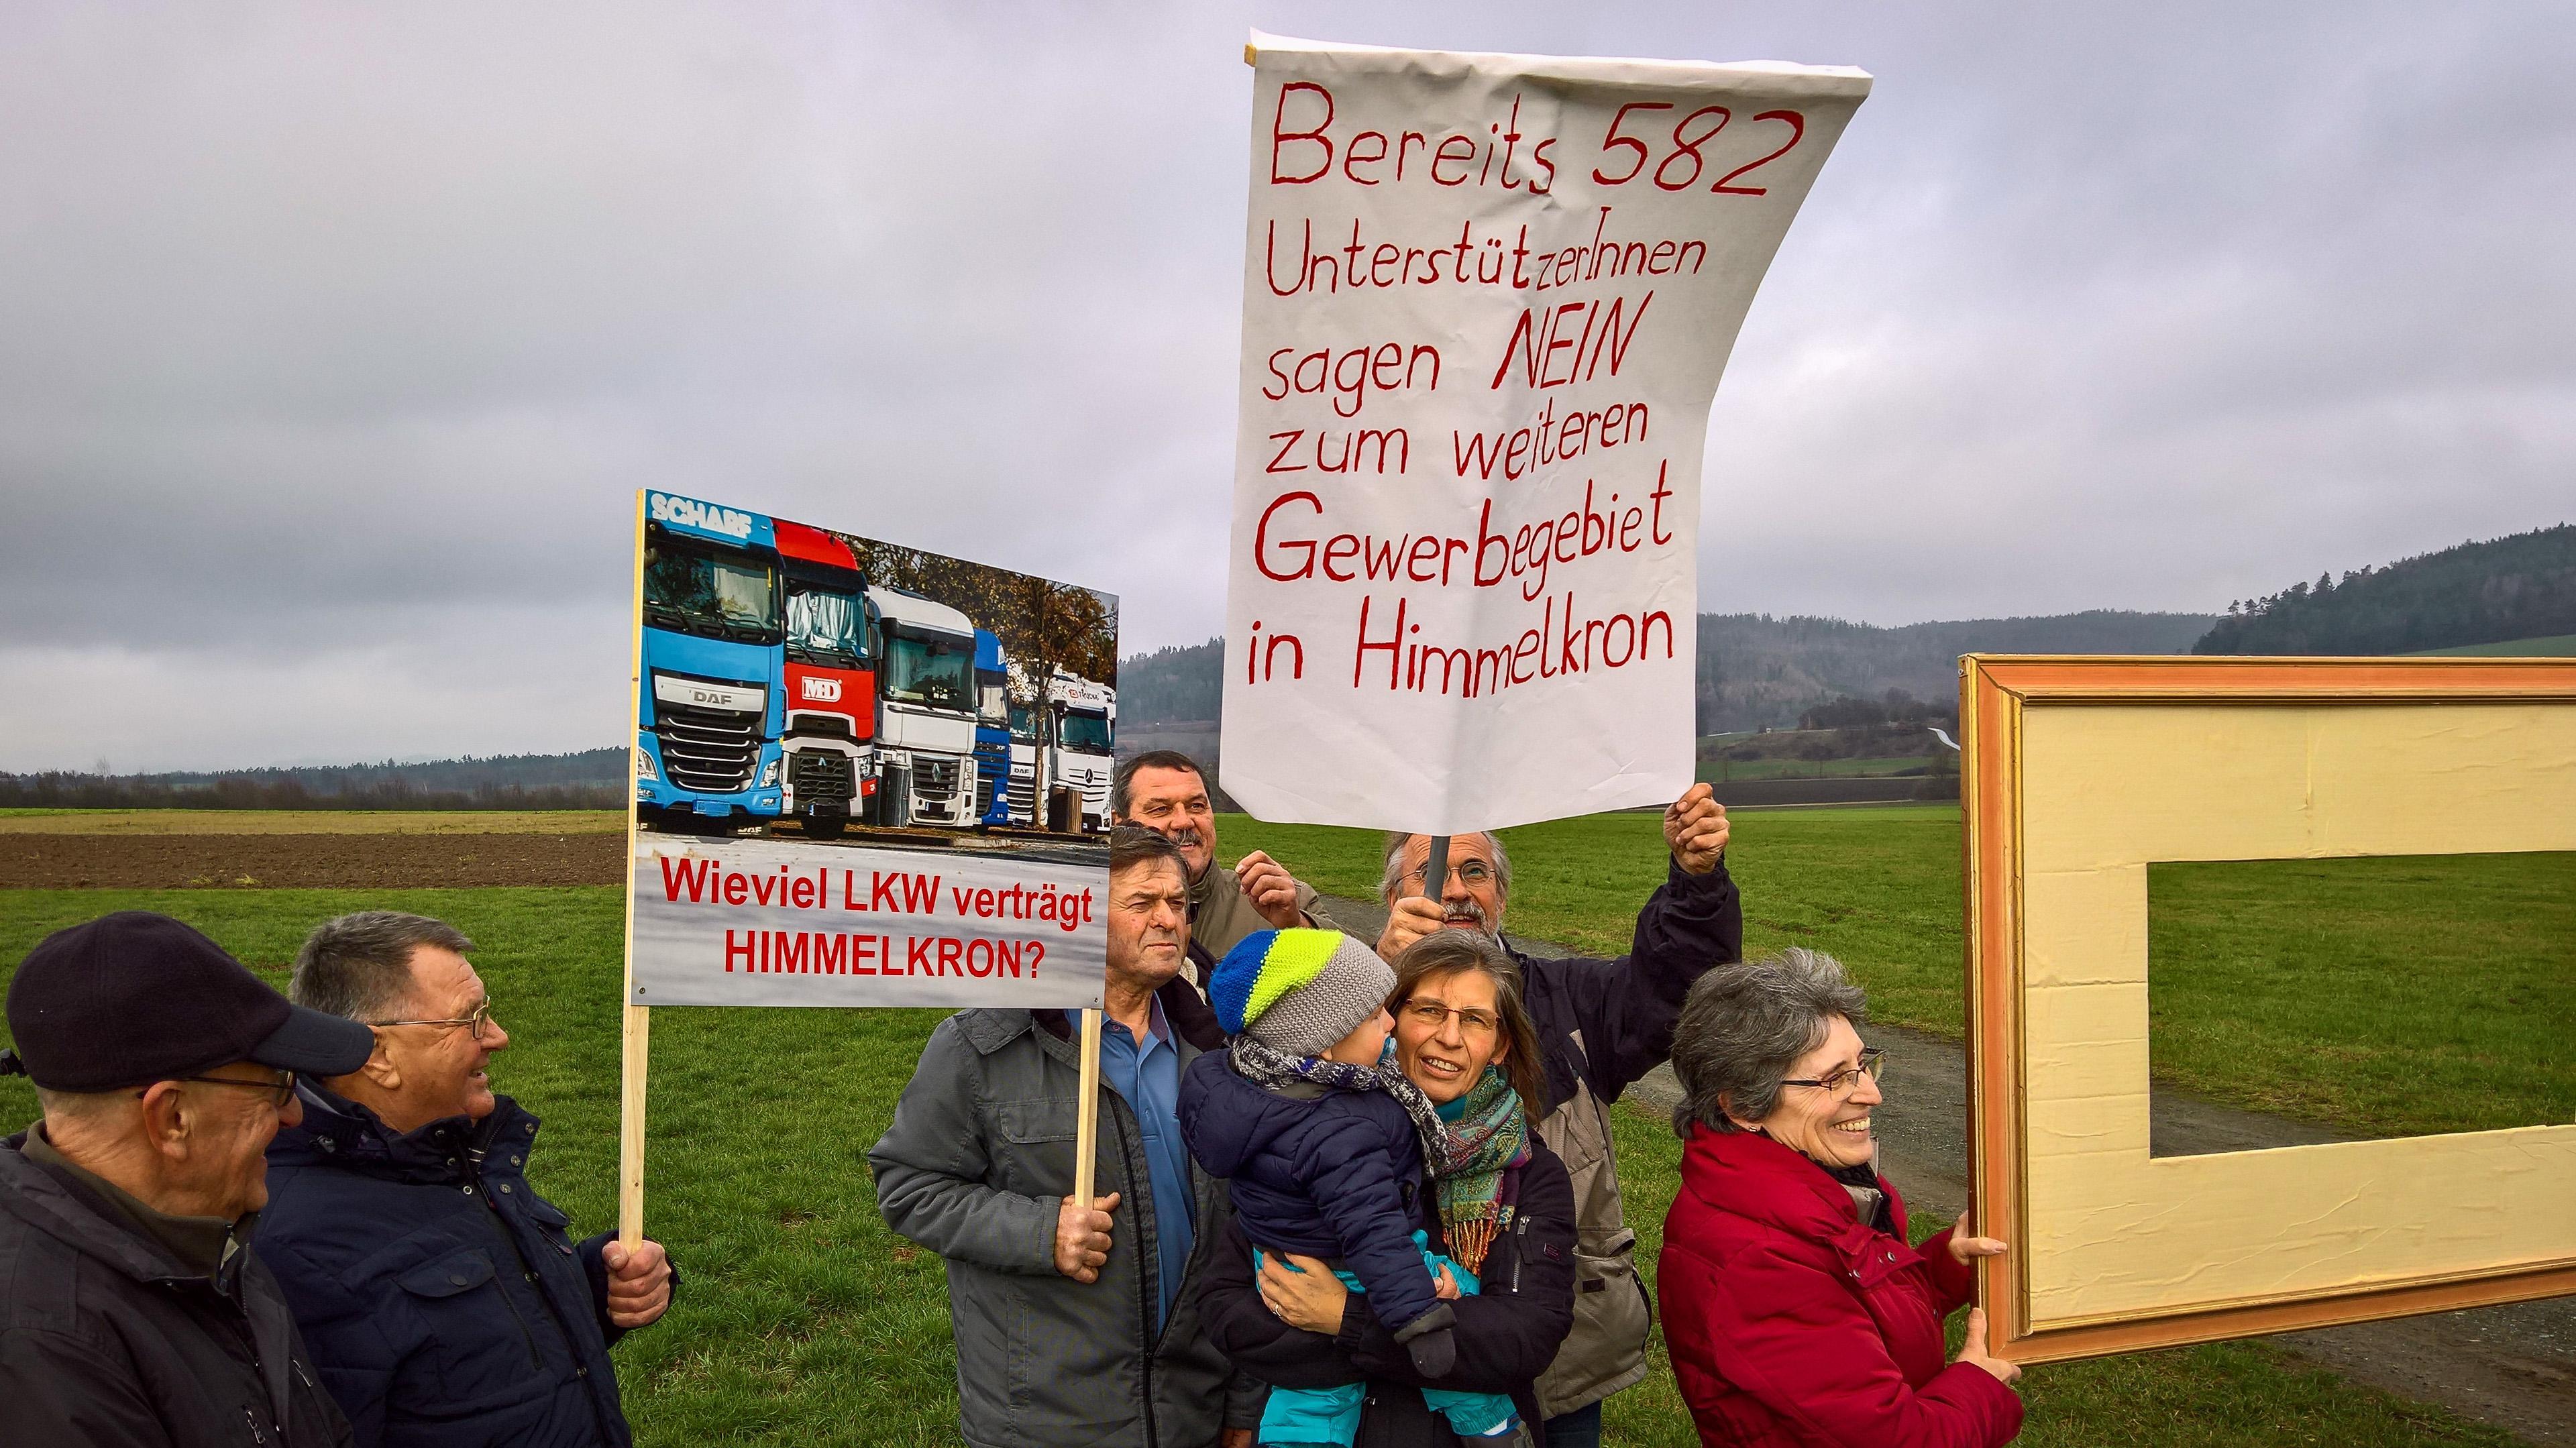 Bürgerinitiative in Himmelkron